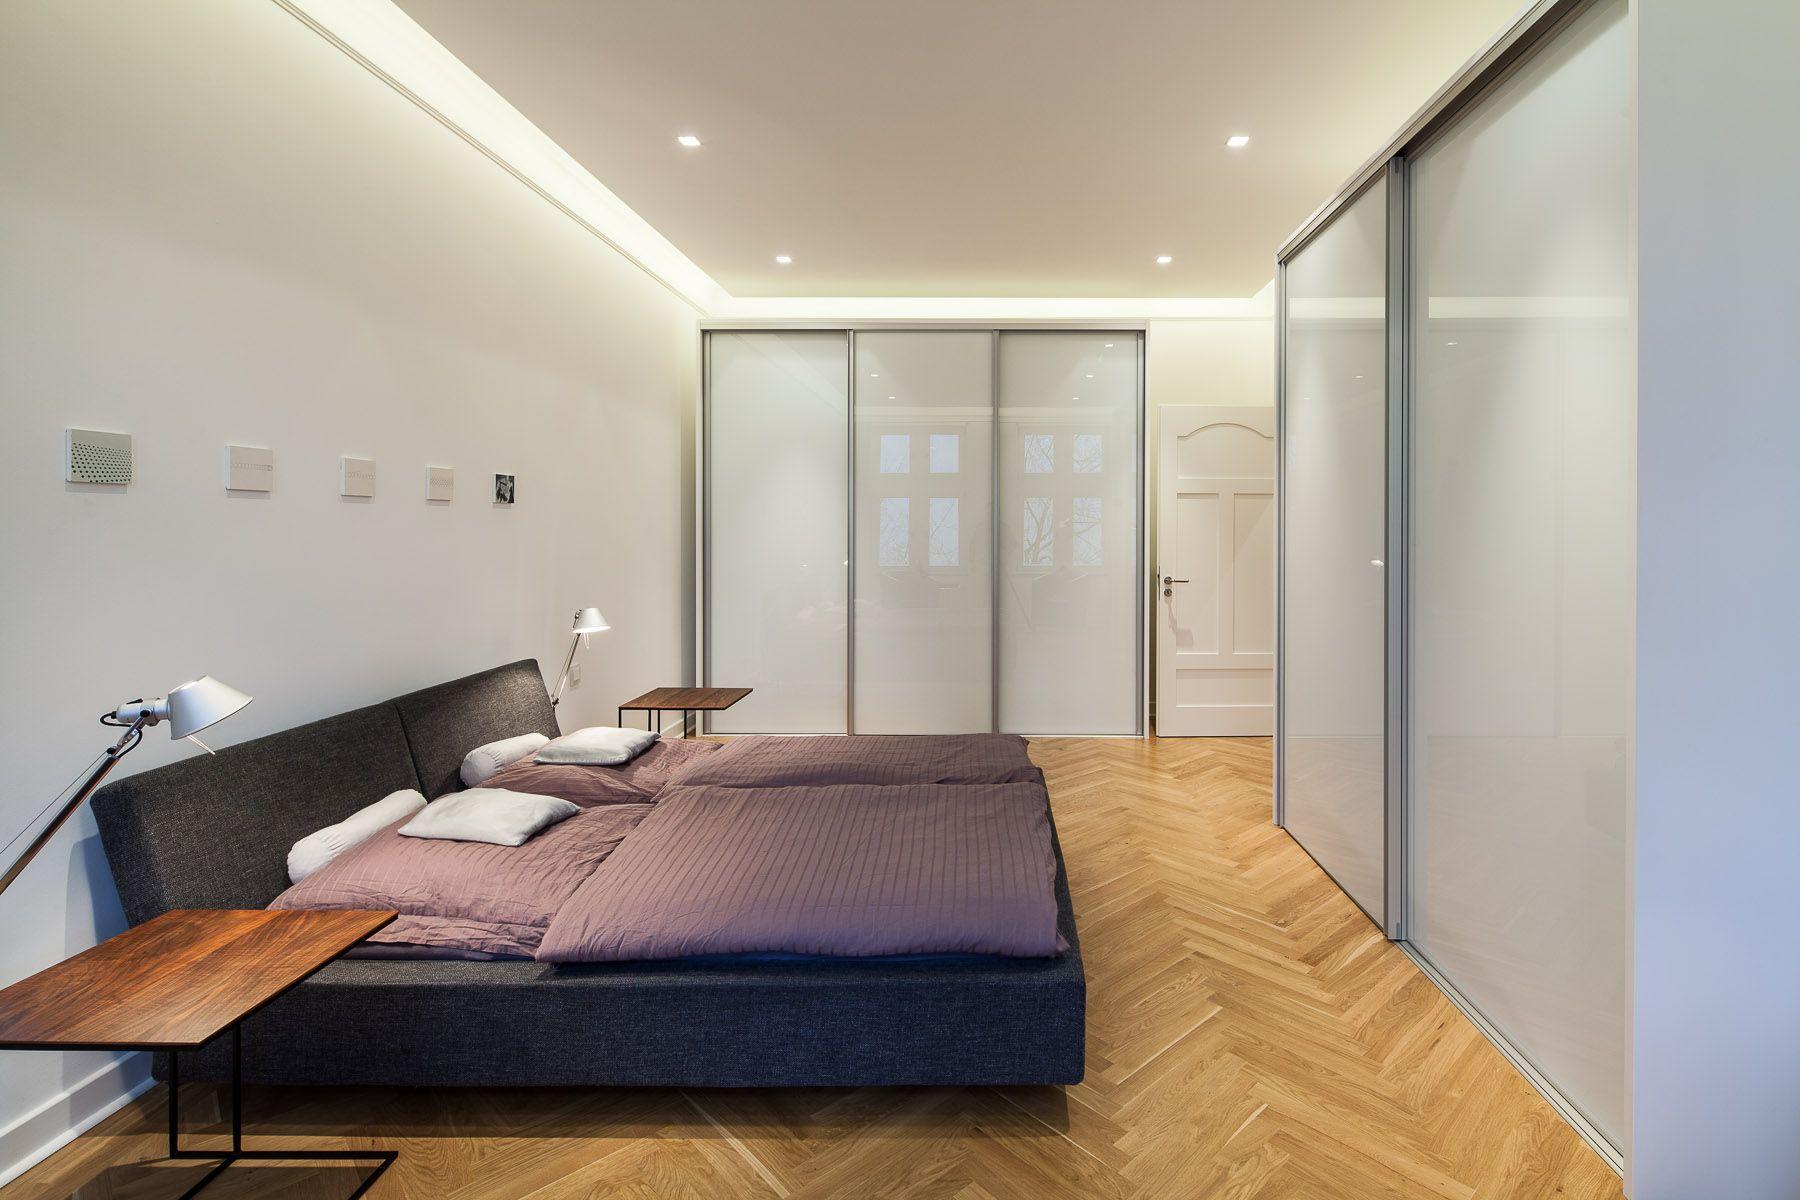 Schlafzimmer Beleuchtung : Schlafzimmer mit abgesetzter Abhangdecke und indirekter Beleuchtung